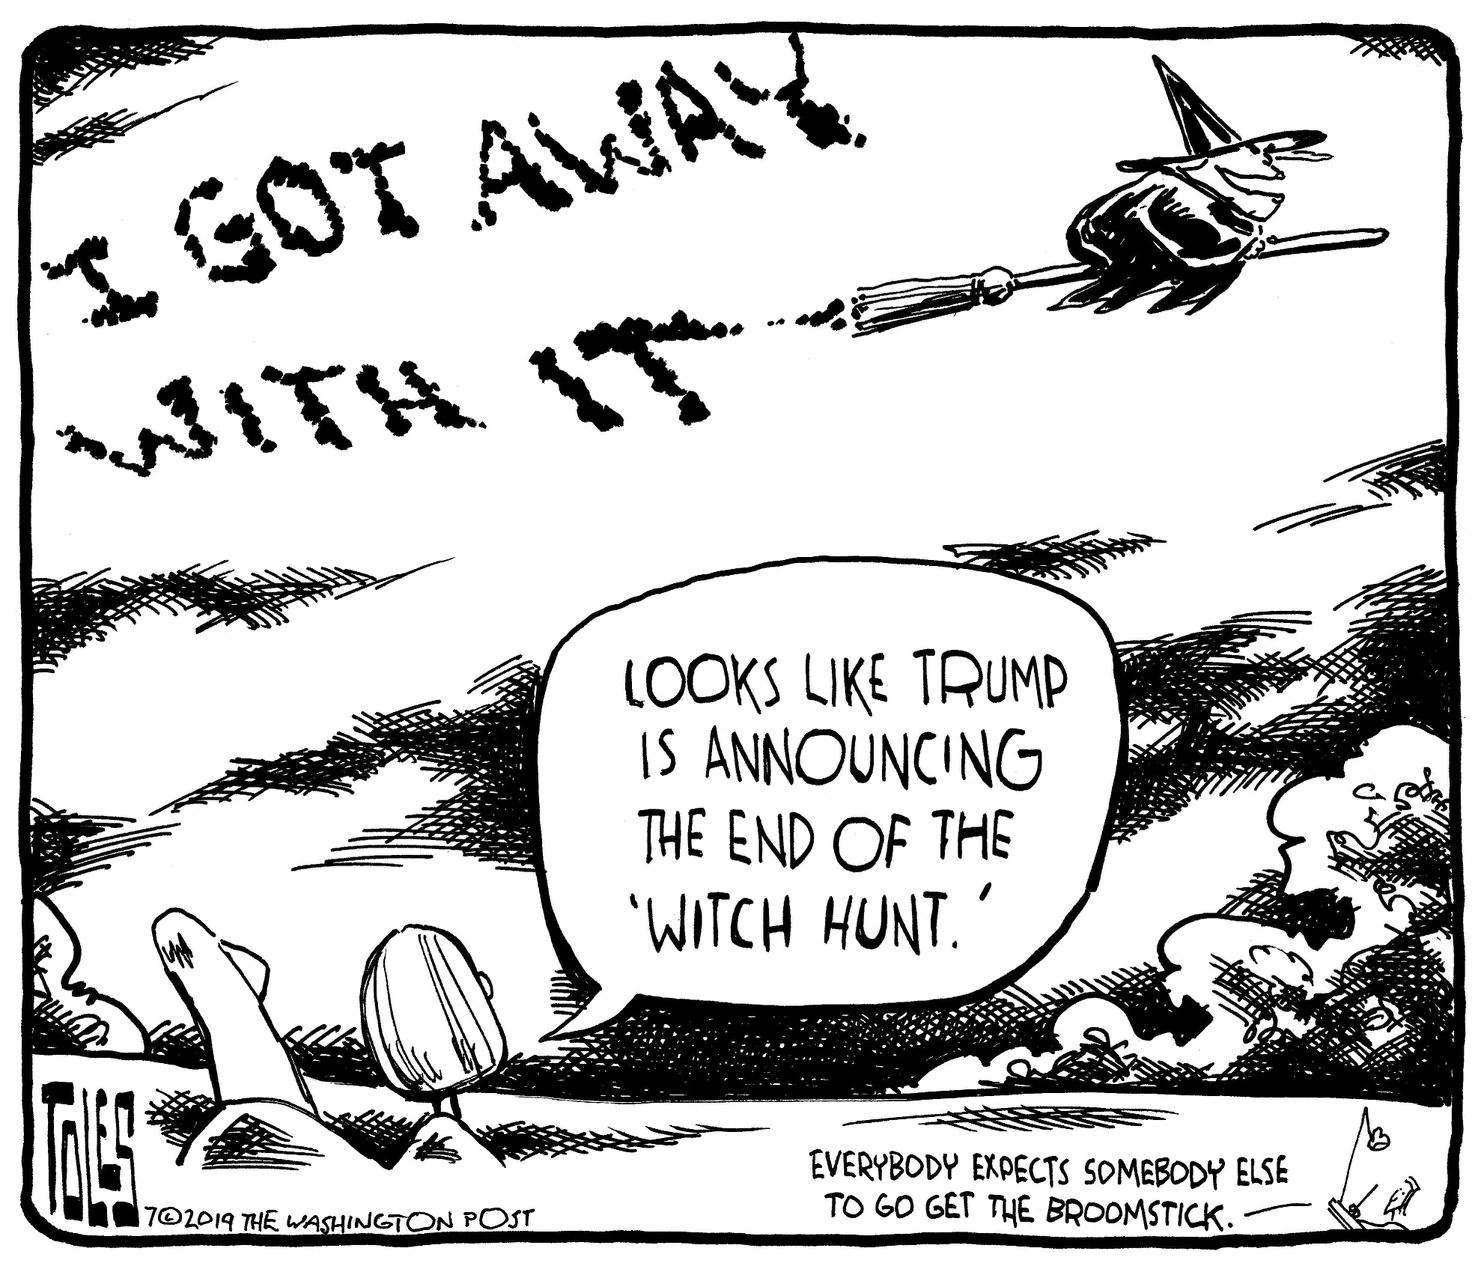 The Washington Post On Flipboard